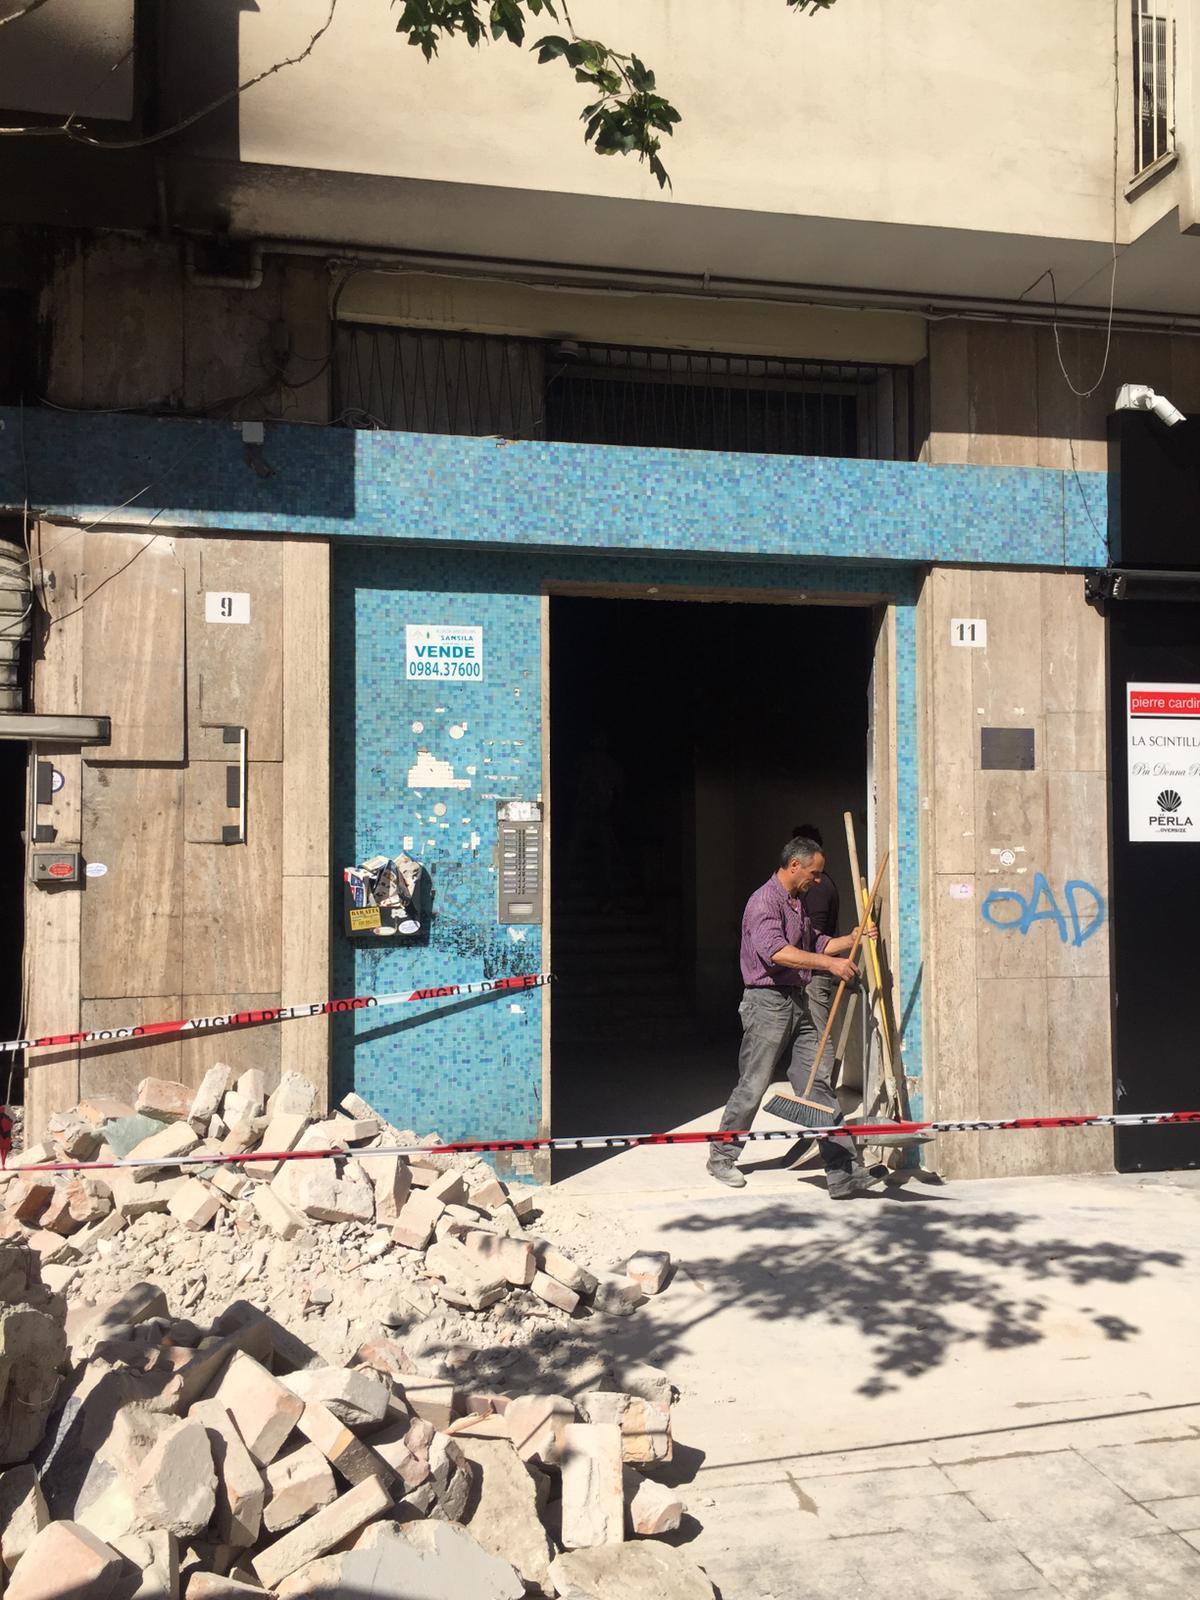 VIDEO - Attentato a Cosenza, distrutto un bar aperto da pochi mesi. Danni allo stabile